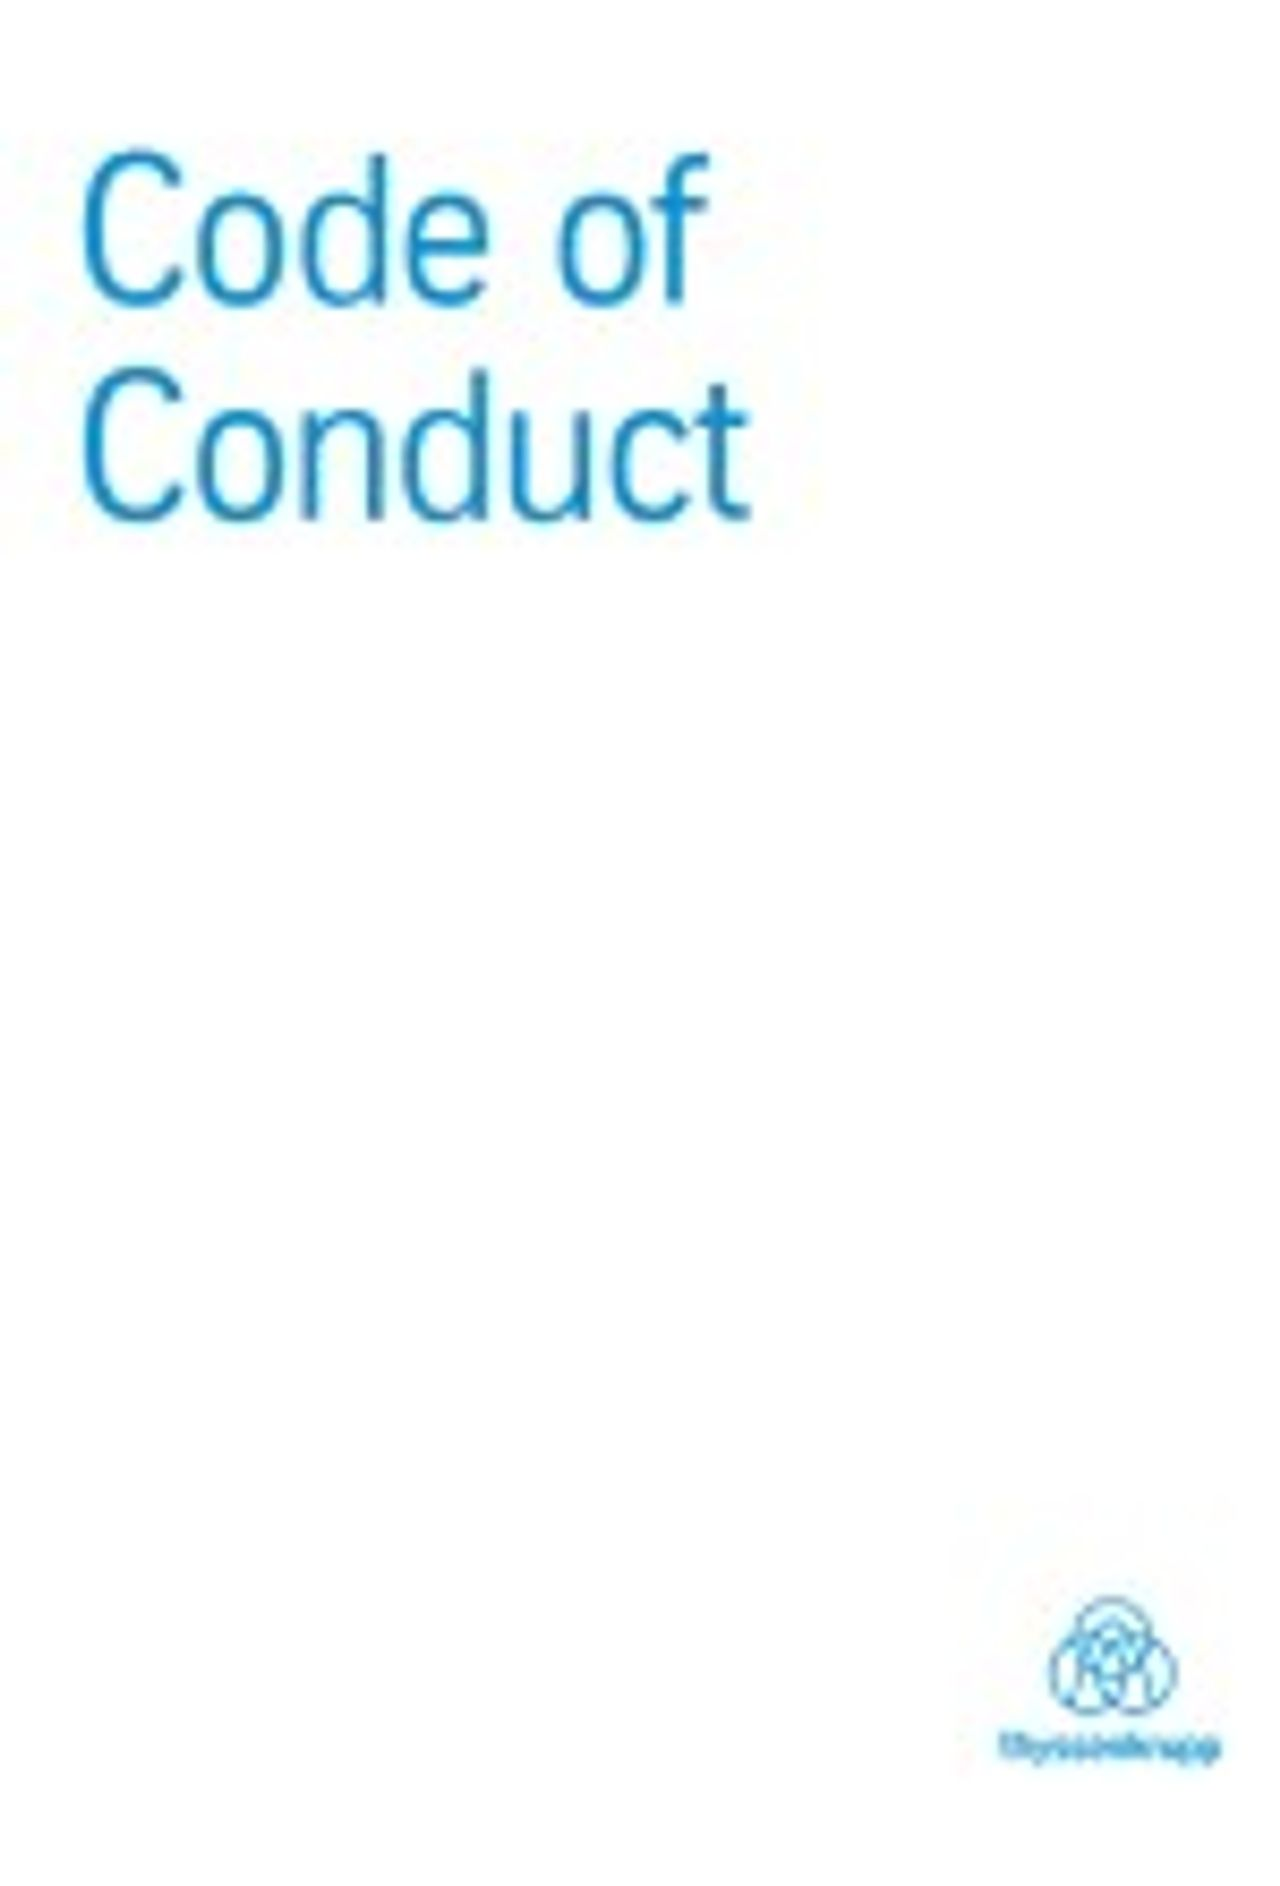 thyssenkrupp sustentabilidade colaboradores empregador responsável código de conduta download pdf